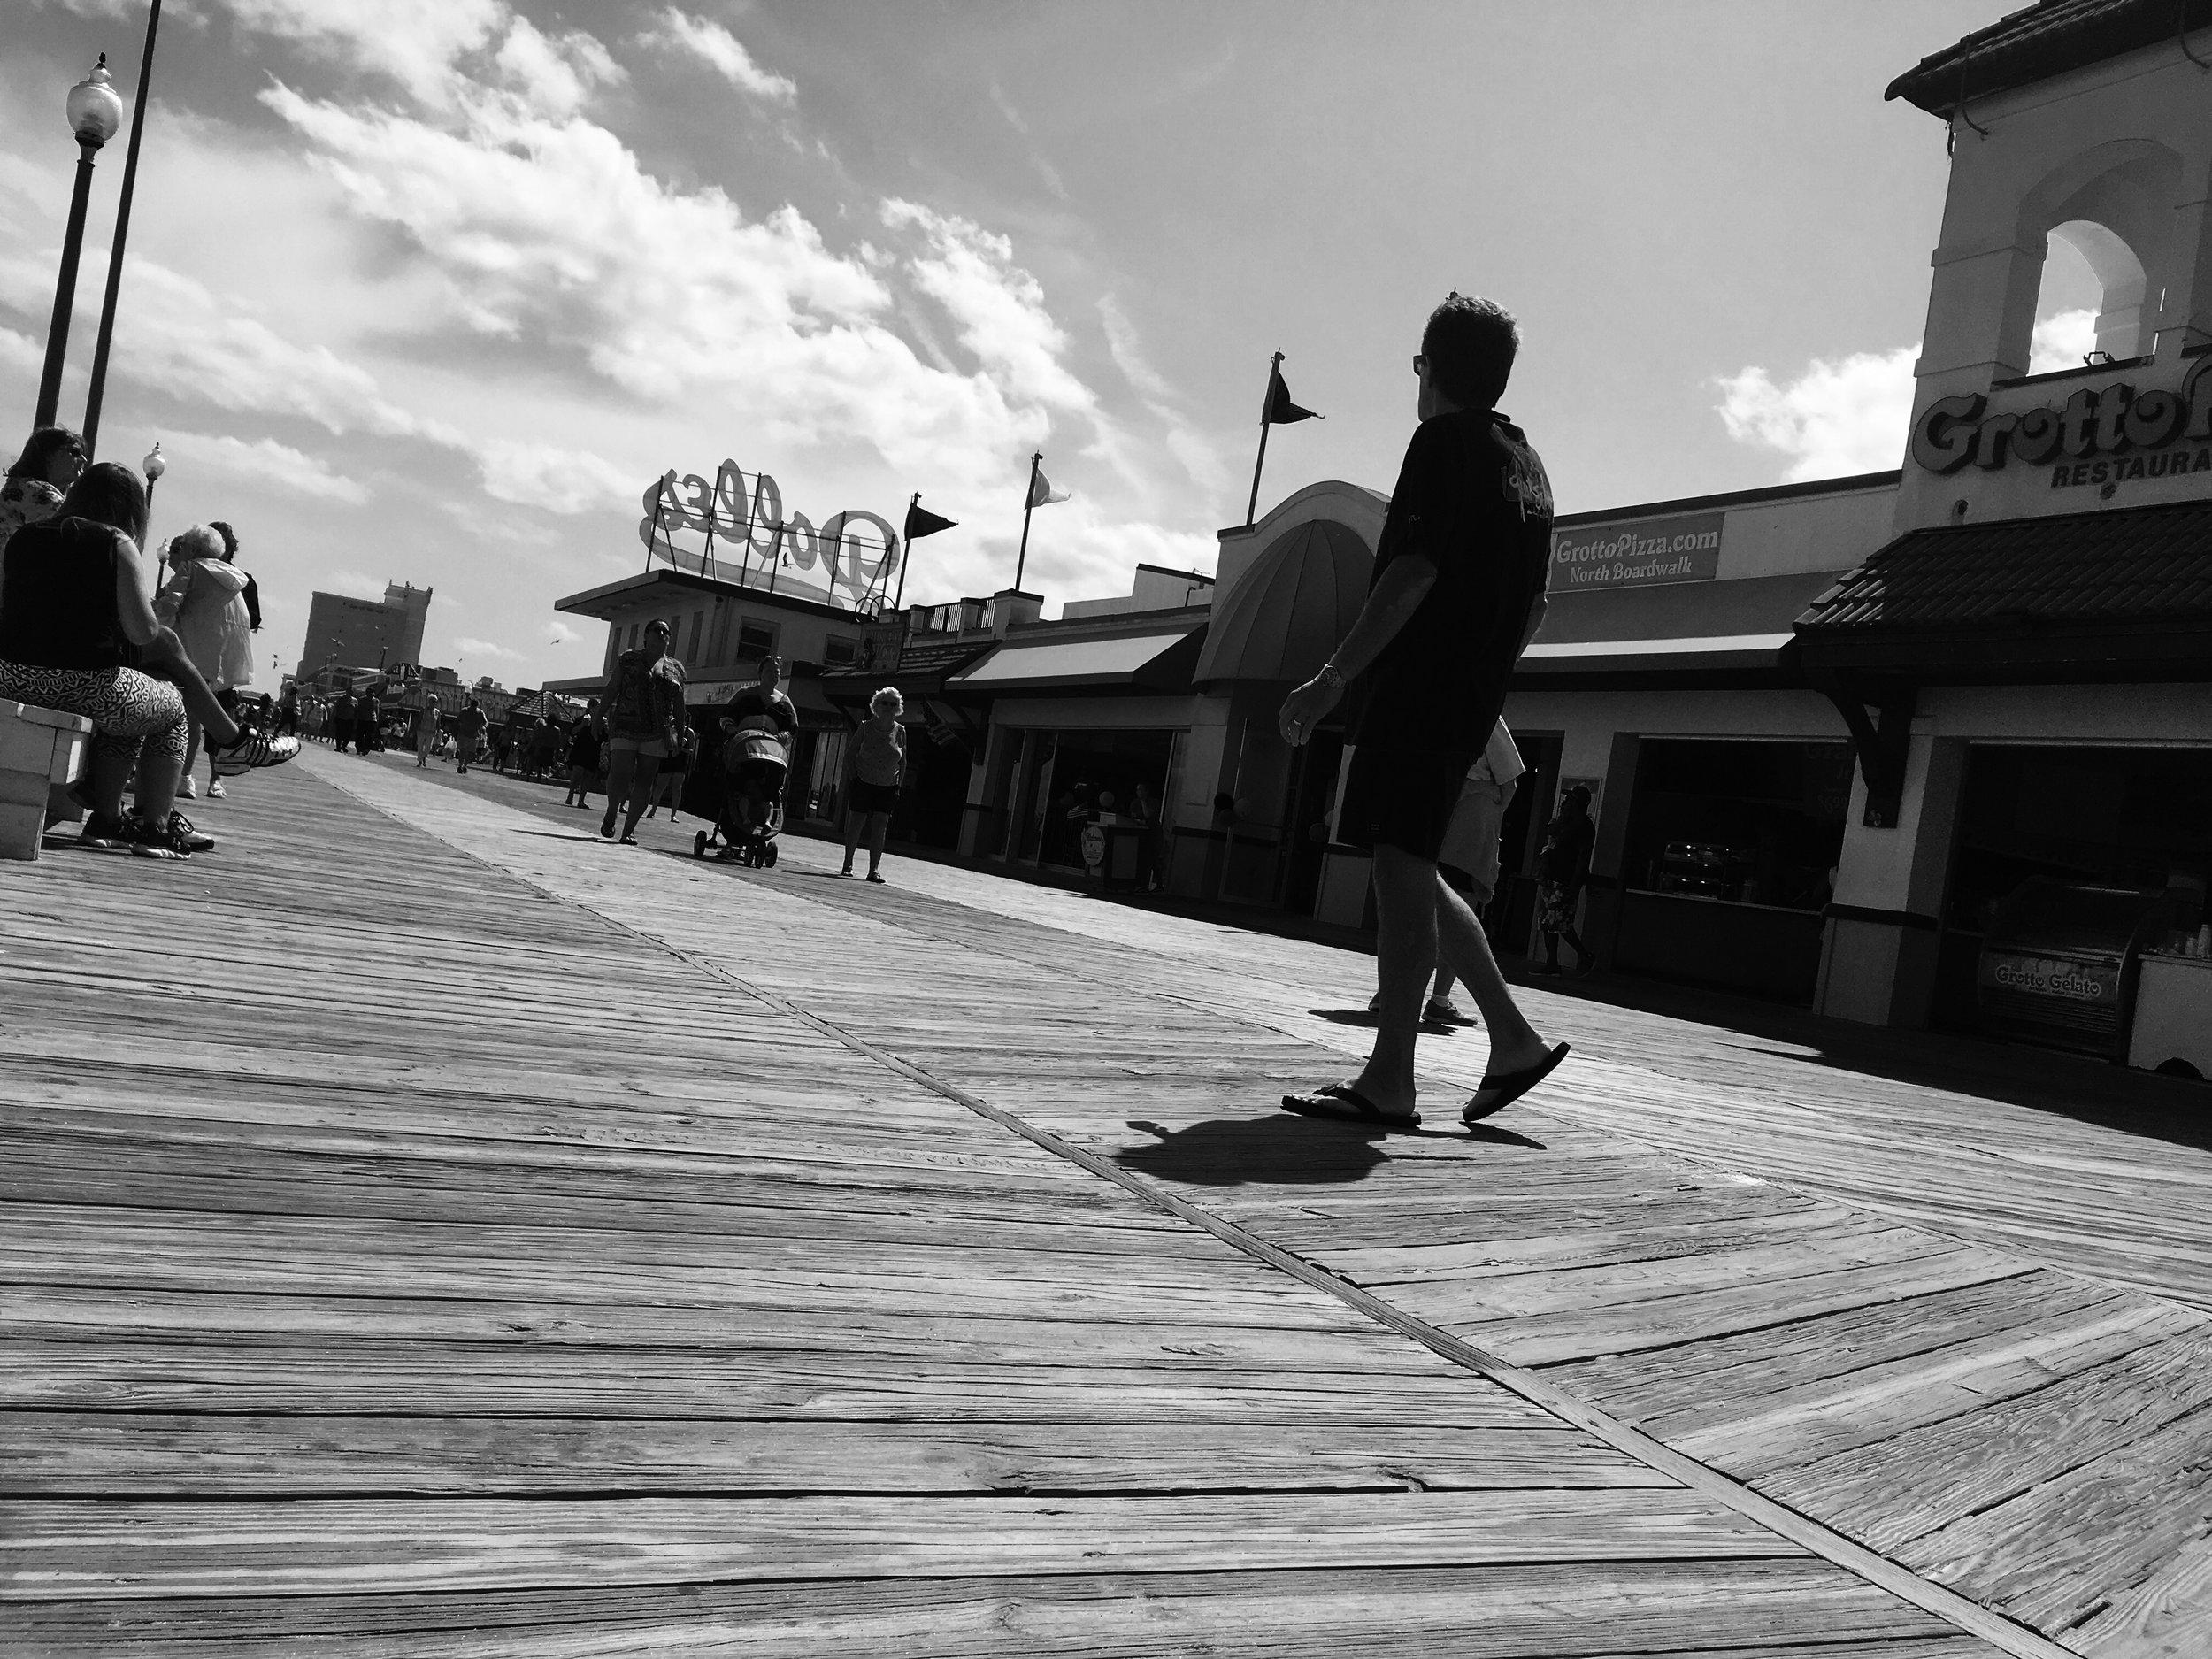 Boardwalk, Rehoboth DE